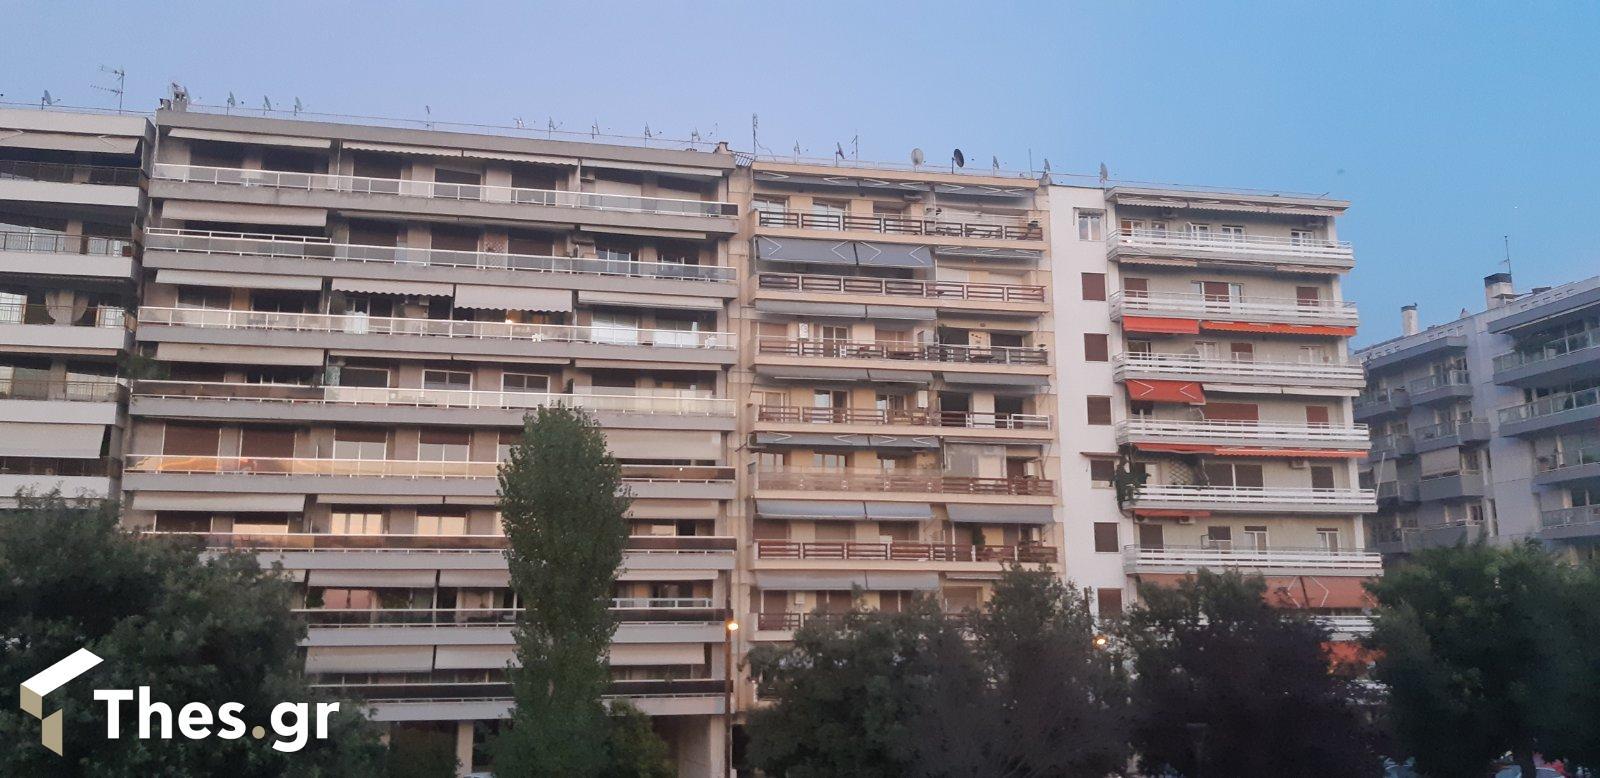 ακίνητα Θεσσαλονίκη αγορά ακινήτων πρόγραμμα Γέφυρα προστασία πρώτης κατοικίας πωλήσεις αντικειμενικές αξίες